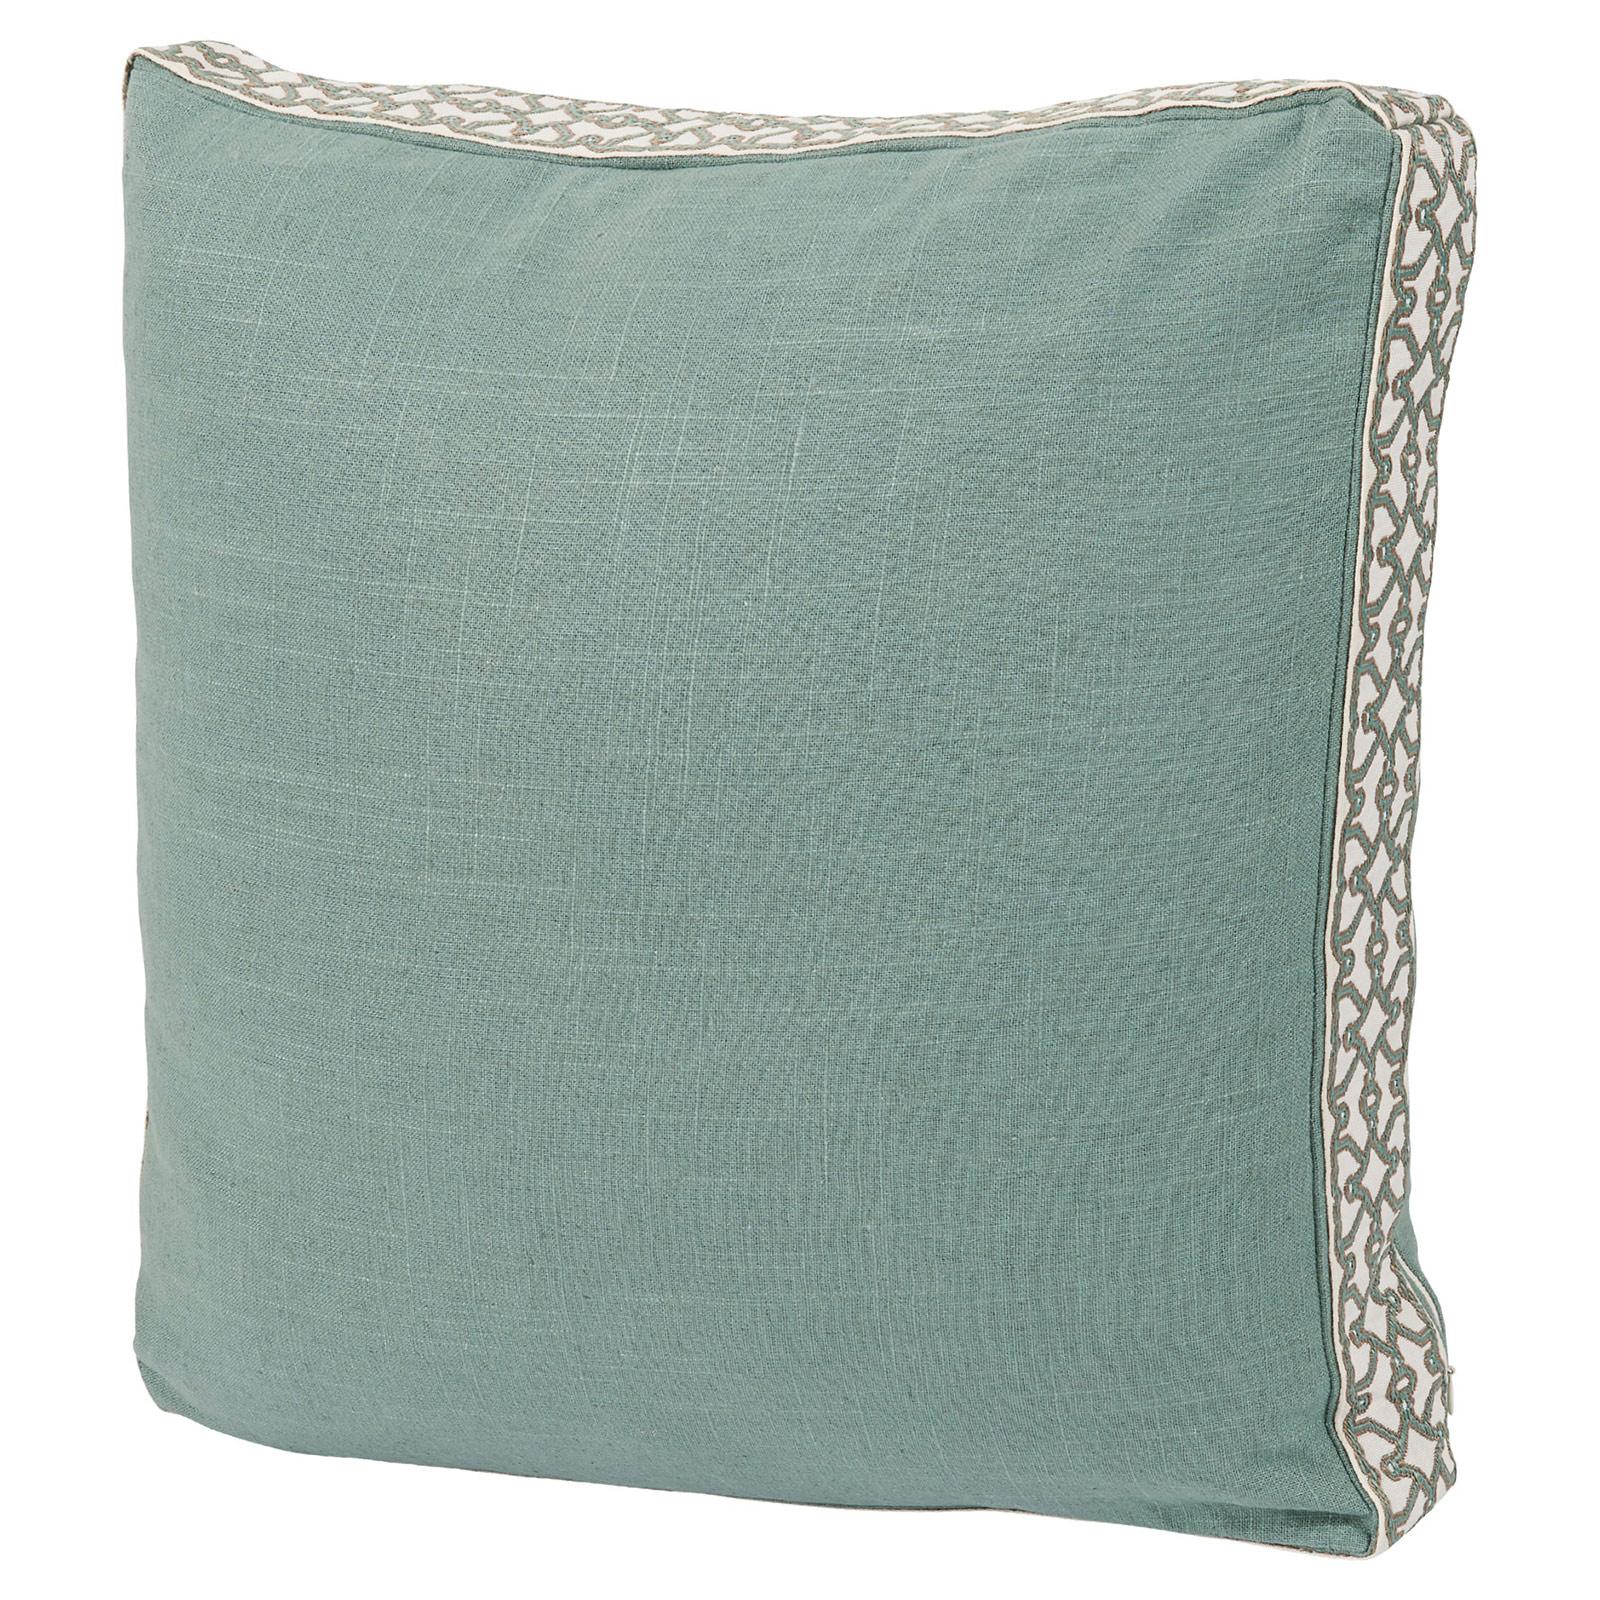 Jerri Modern Classic Pattern Box Edge Sea Green Pillow - 18x18